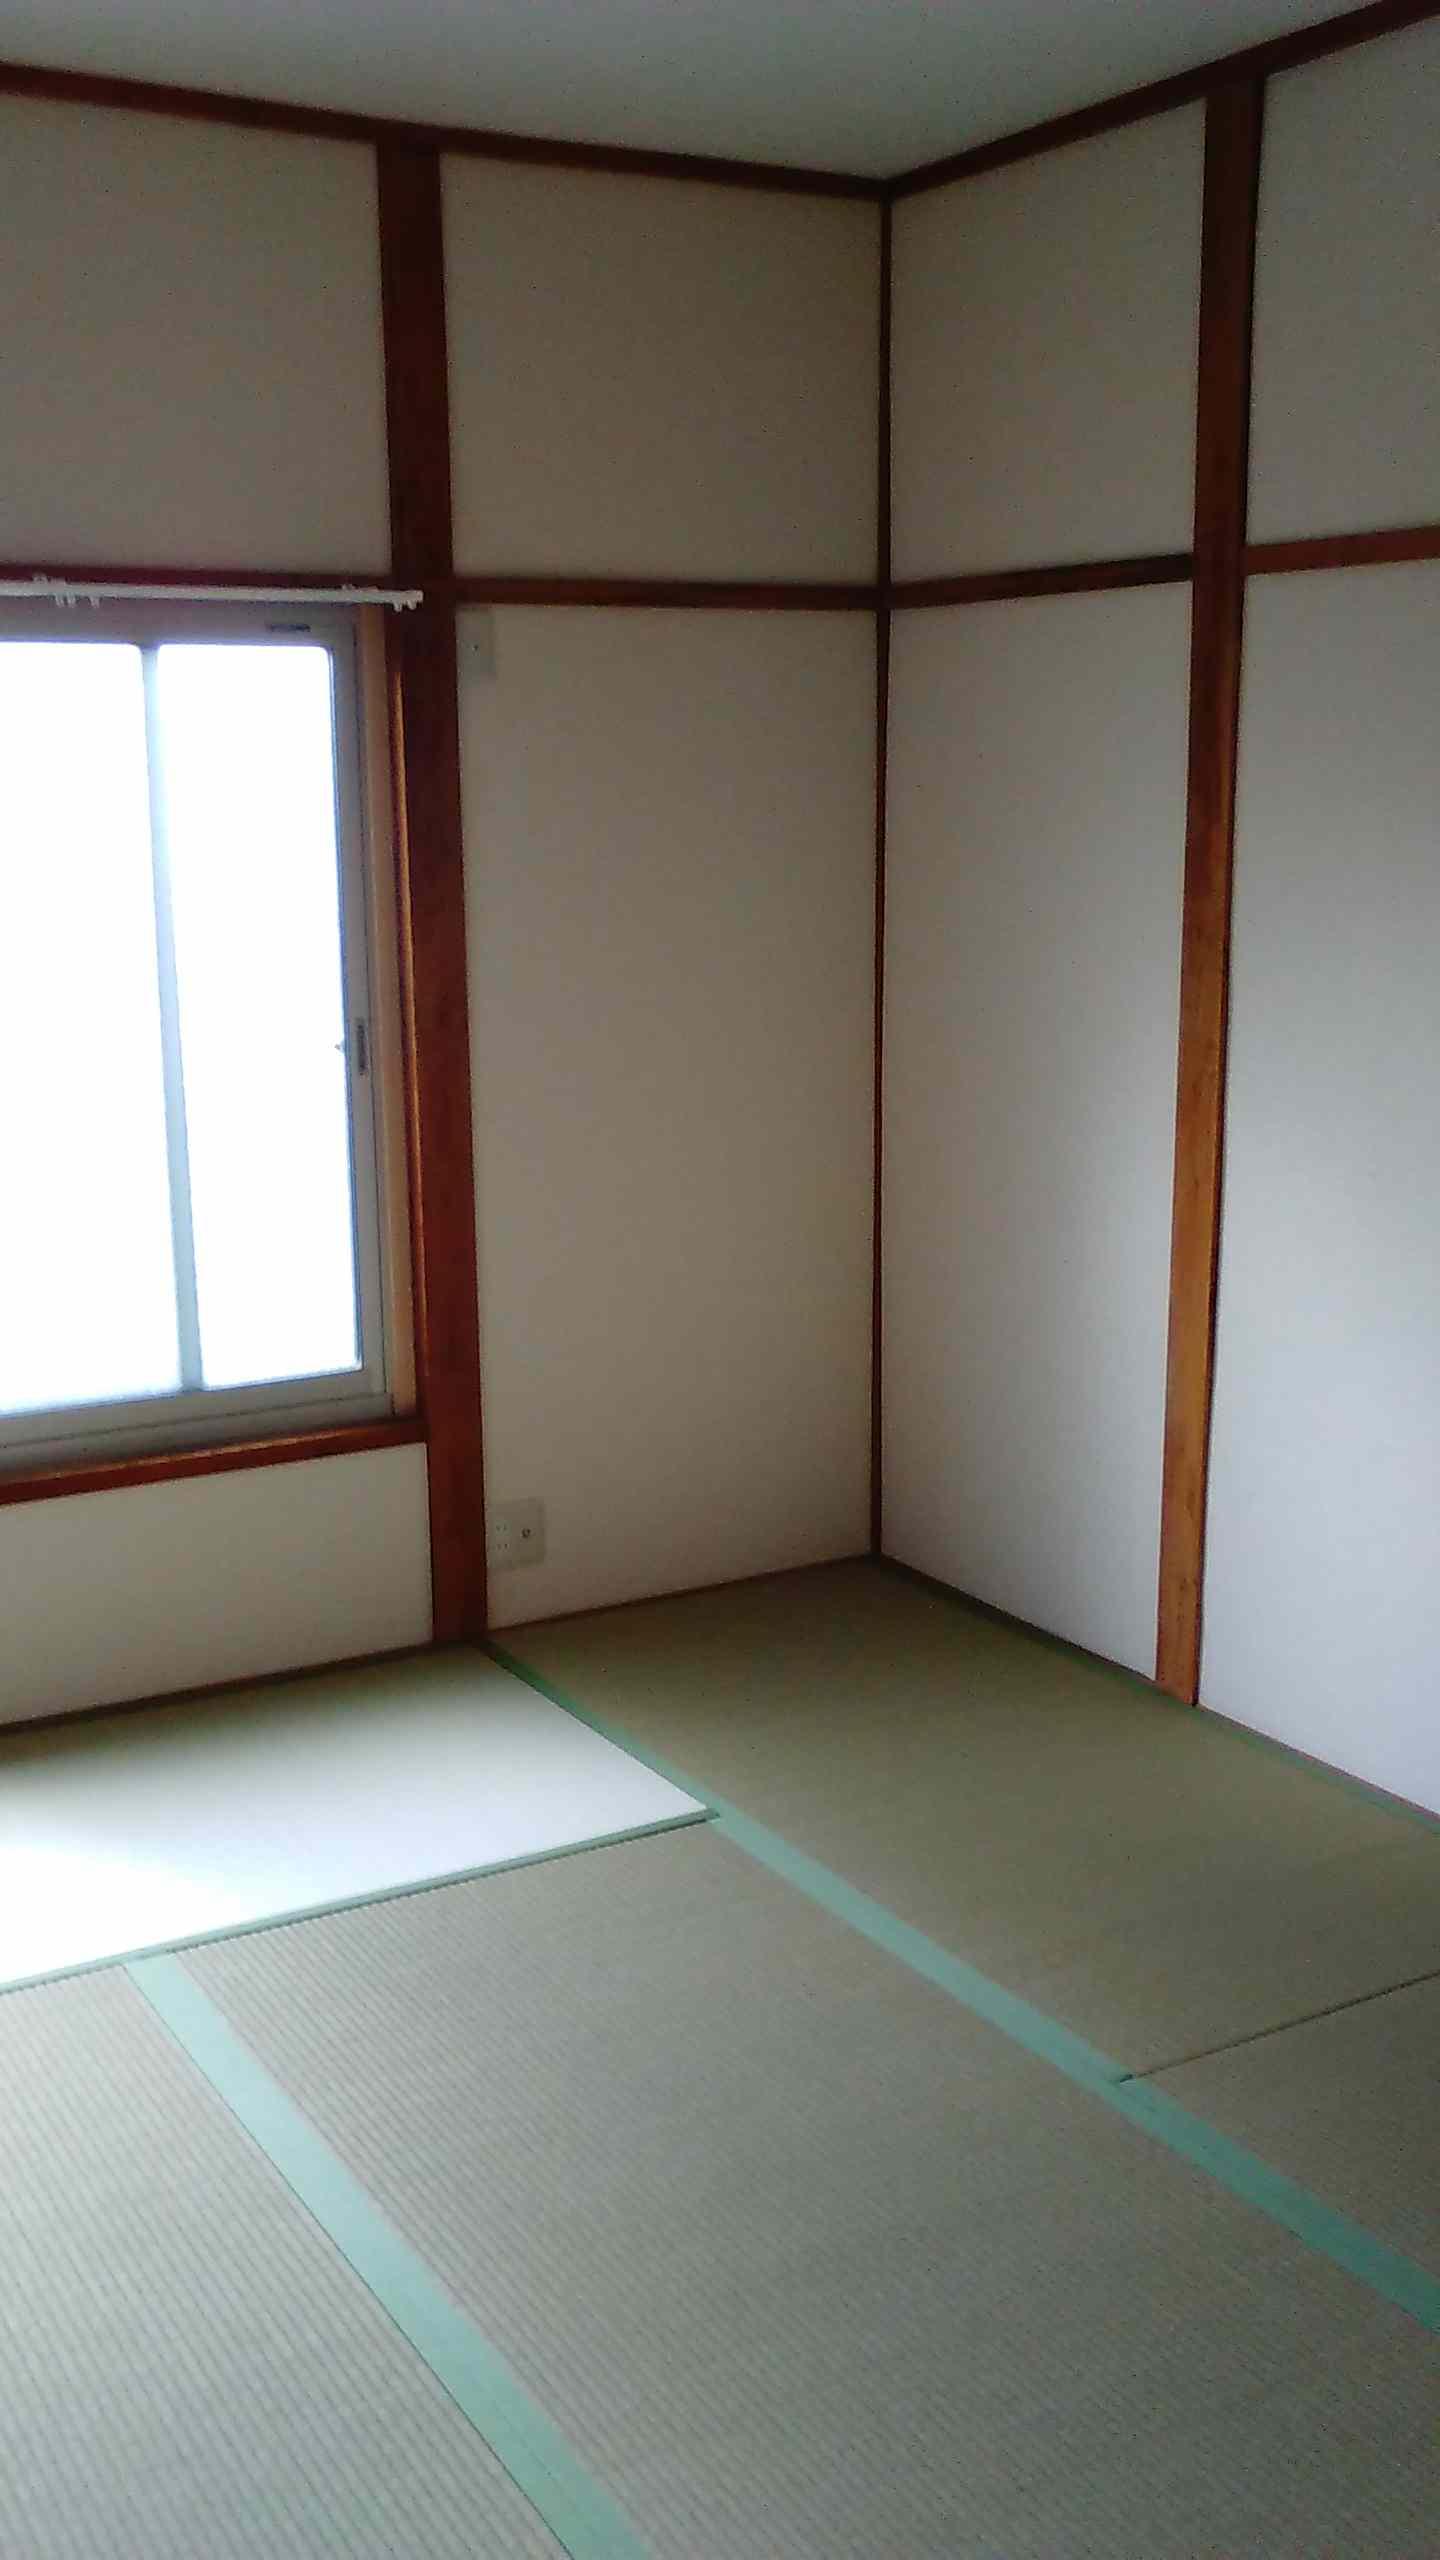 柱が見える和室の壁 和室の天井にクロス 壁紙 を張りました 八尾市